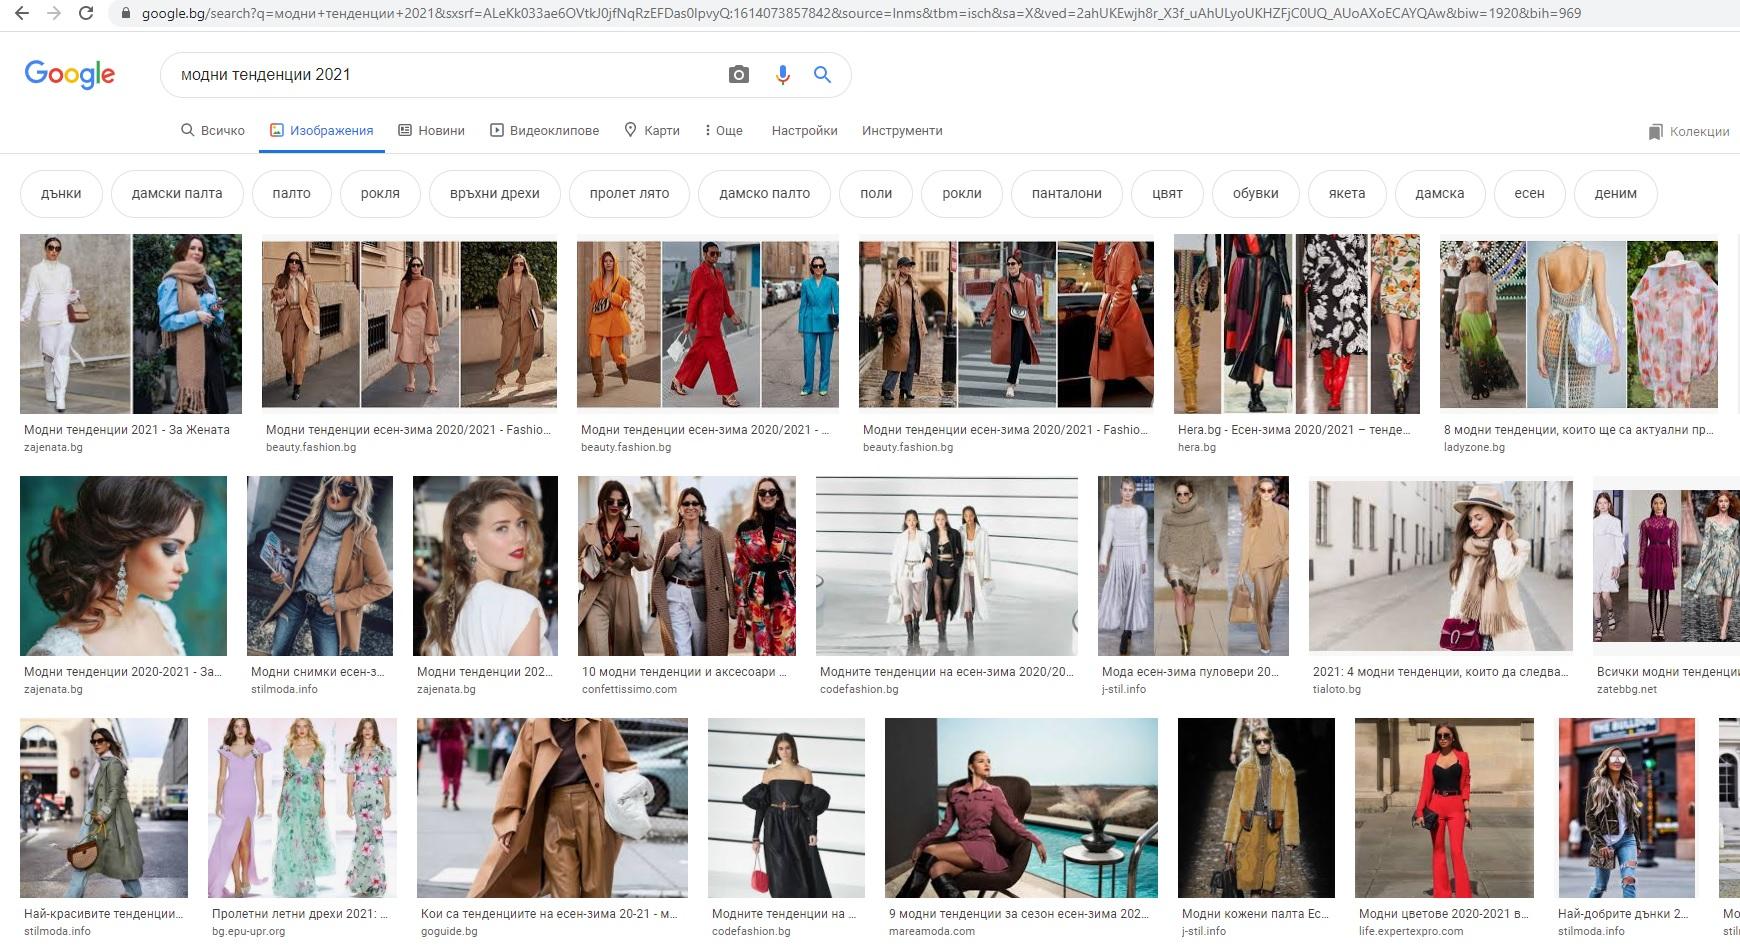 SEO оптимизация на изображения